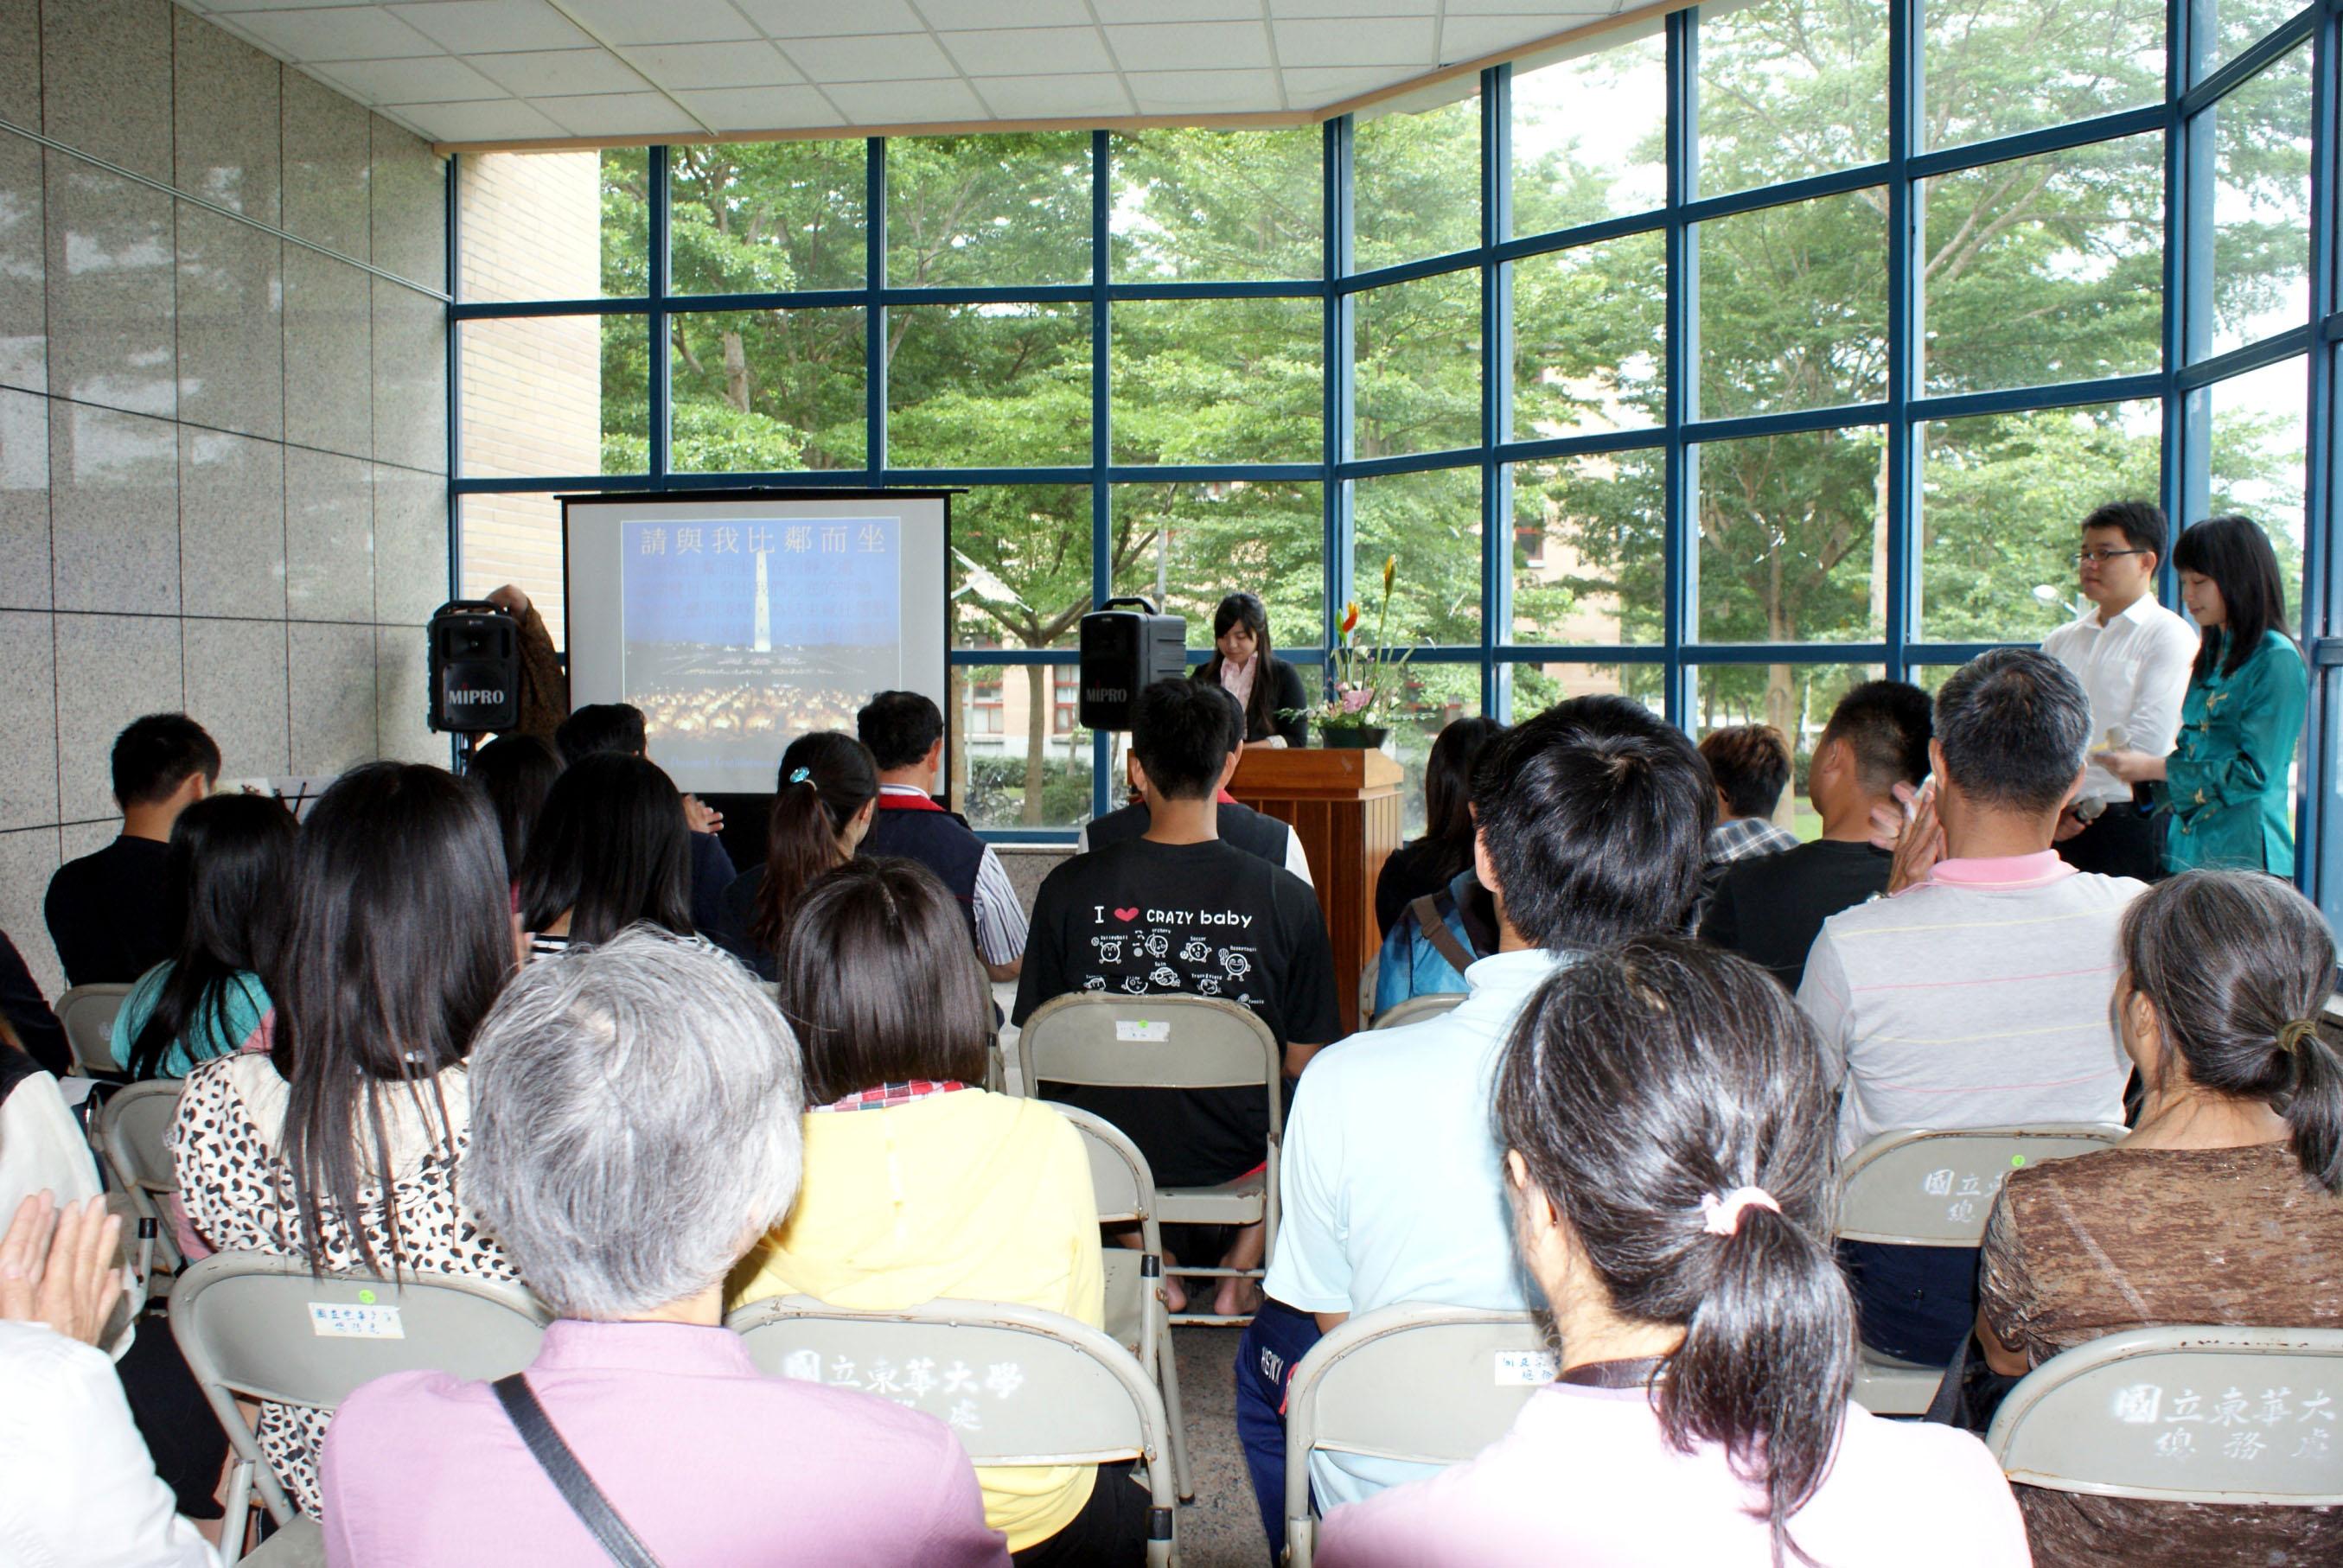 Buổi sinh hoạt tại trường Đại học Quốc gia Đông Hoa